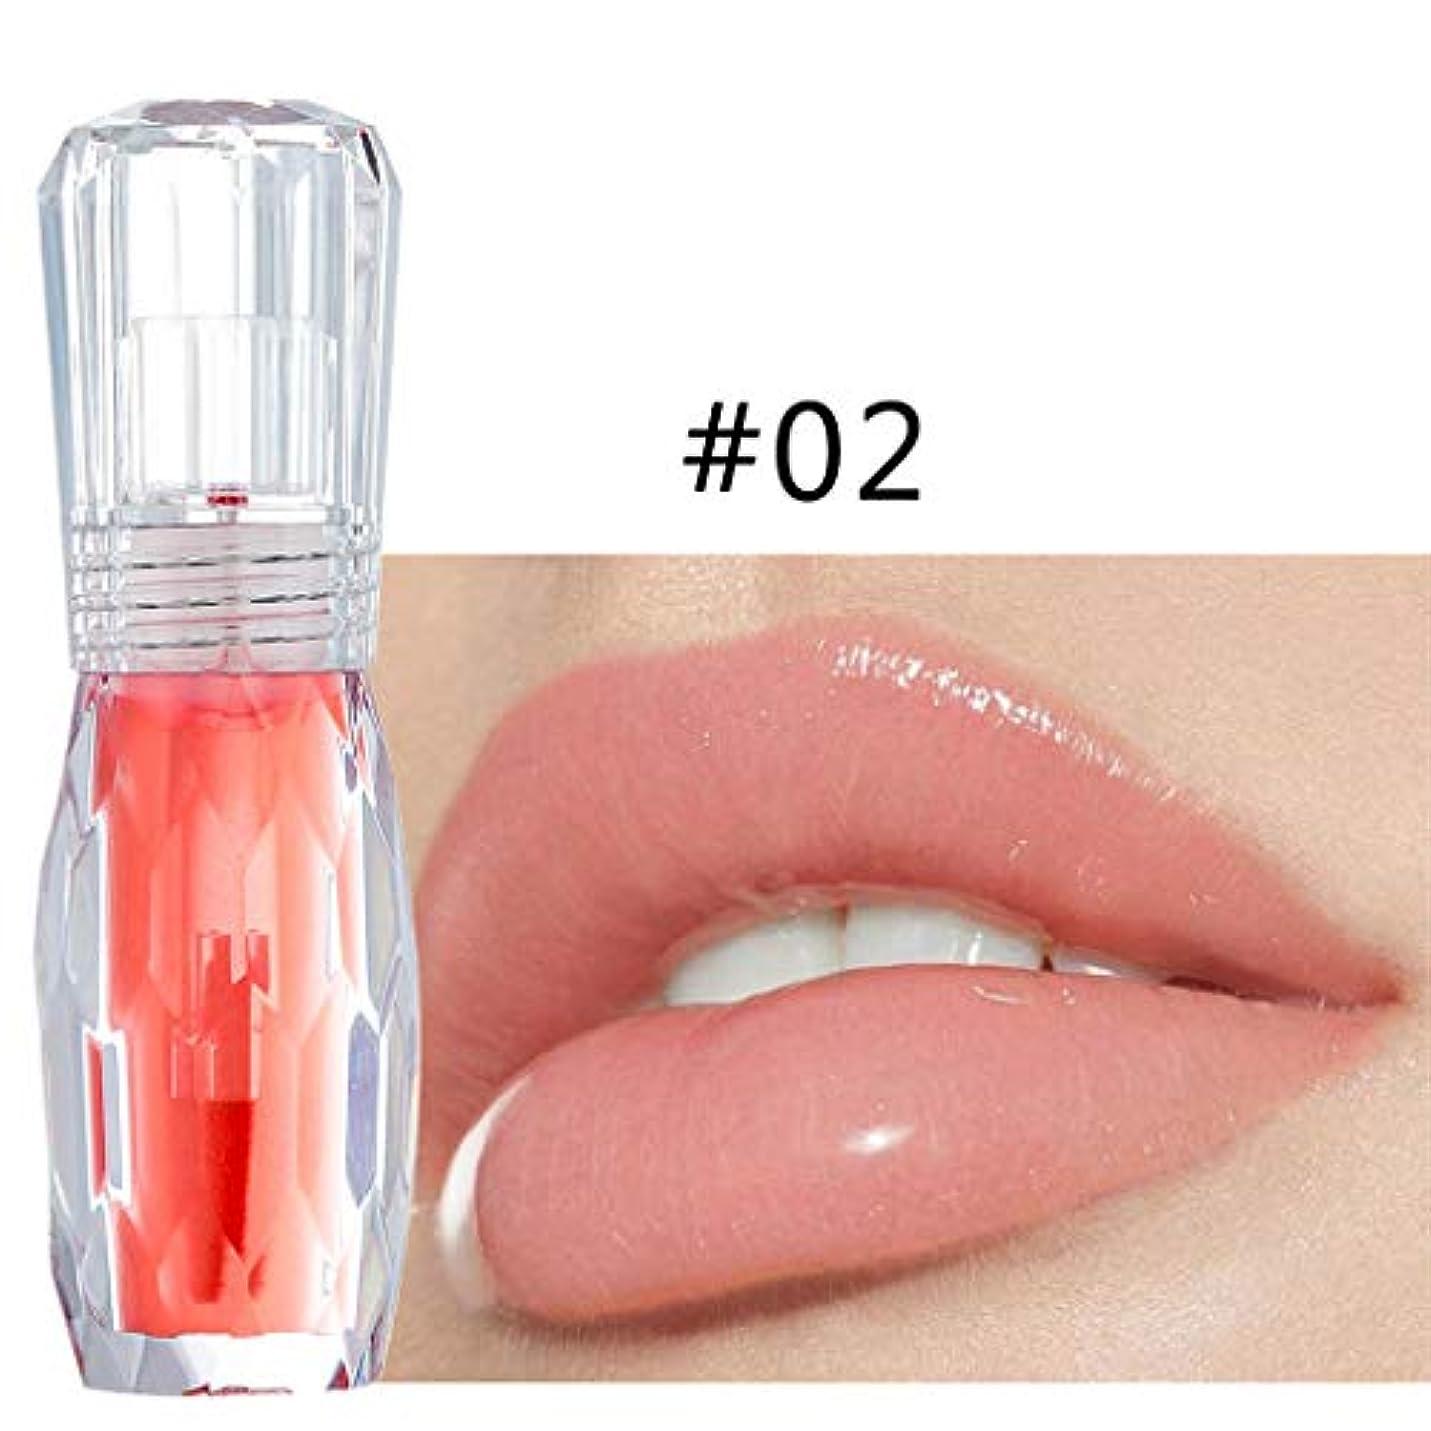 おめでとう半導体血まみれビューティー 口紅 Jopinica 6色ピンク系液体リップスティック 透明魅力液体リップグロス キラキラ落ちにくい口紅 安いメイクアップ ナチュラル美容化粧品 ハイライト プレイカラー うるおい 持ち運び便利 光沢 自然立体...